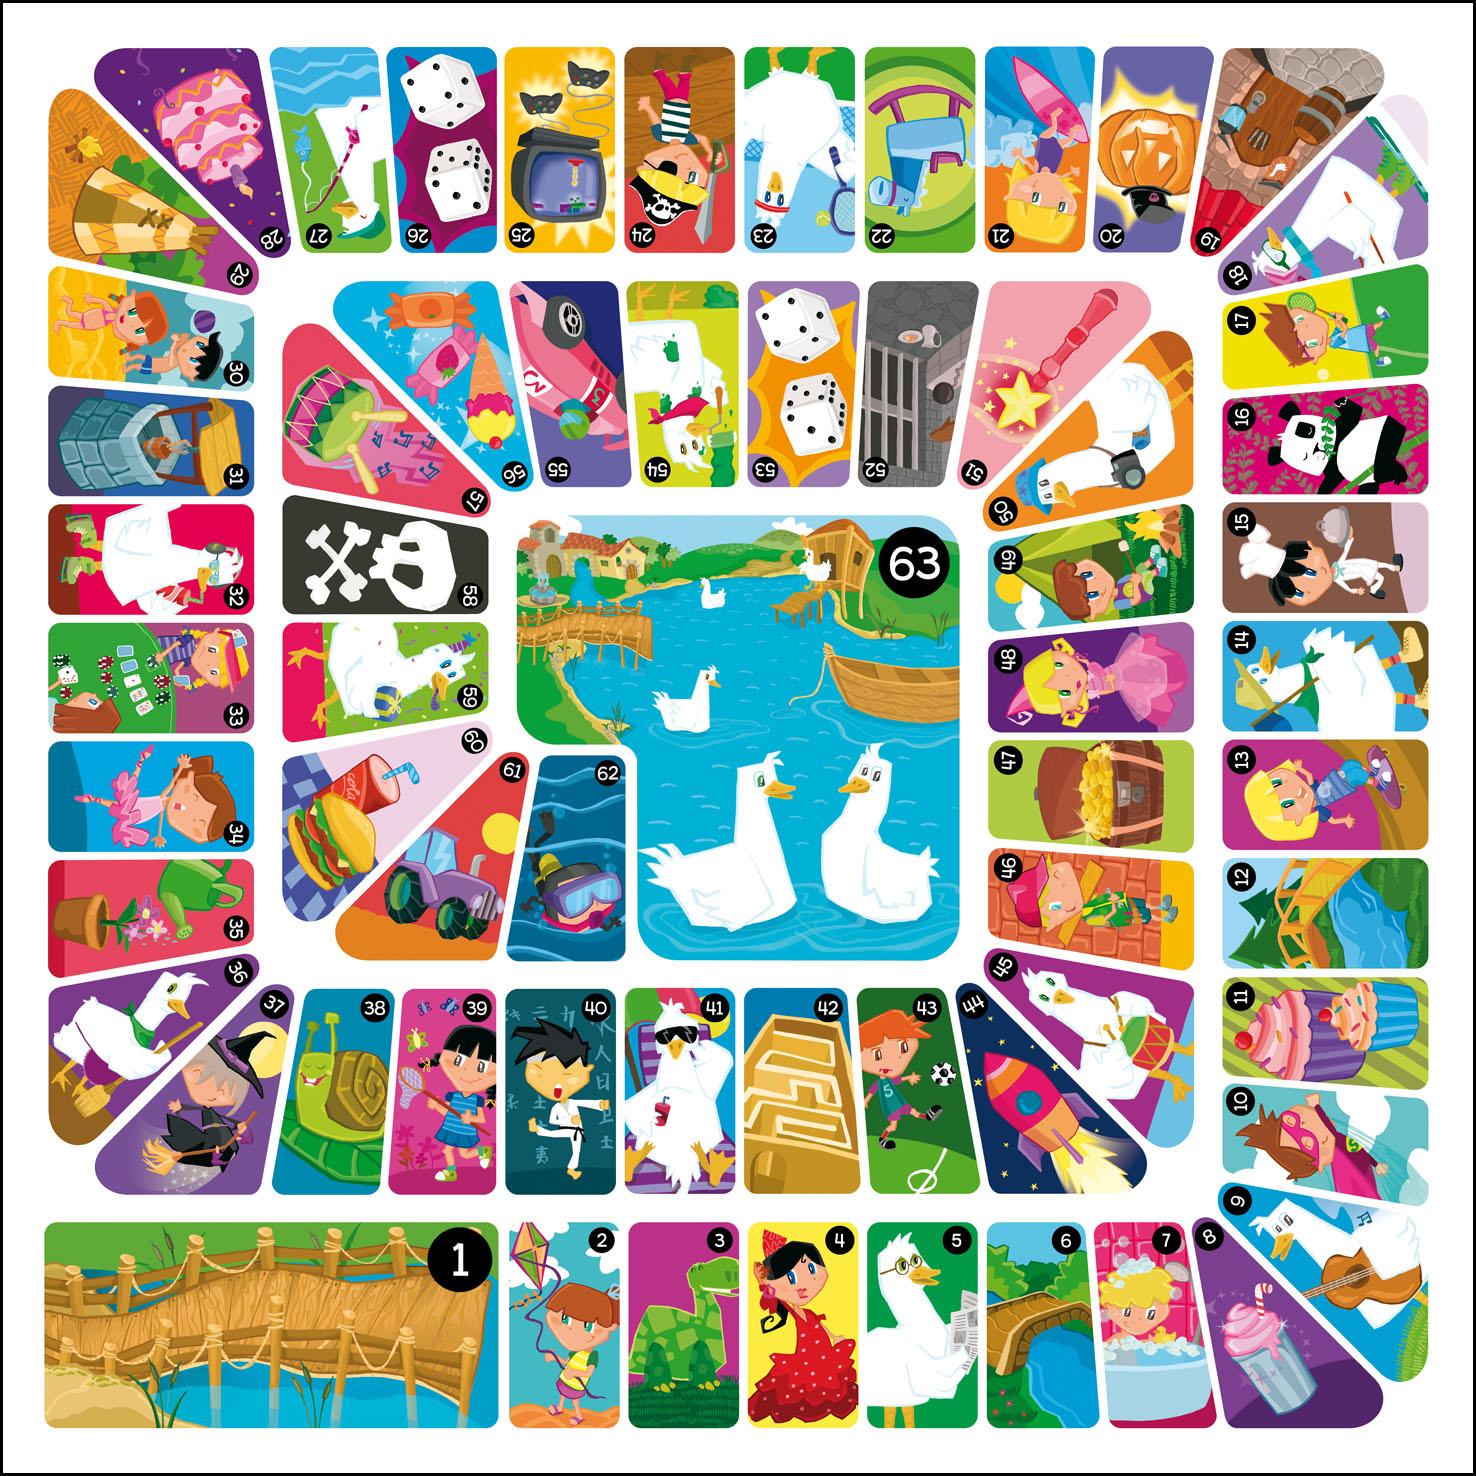 El juego de la oca materiales de apoyo para personas con trastorno del espectro del autismo - Juego de la oca ...